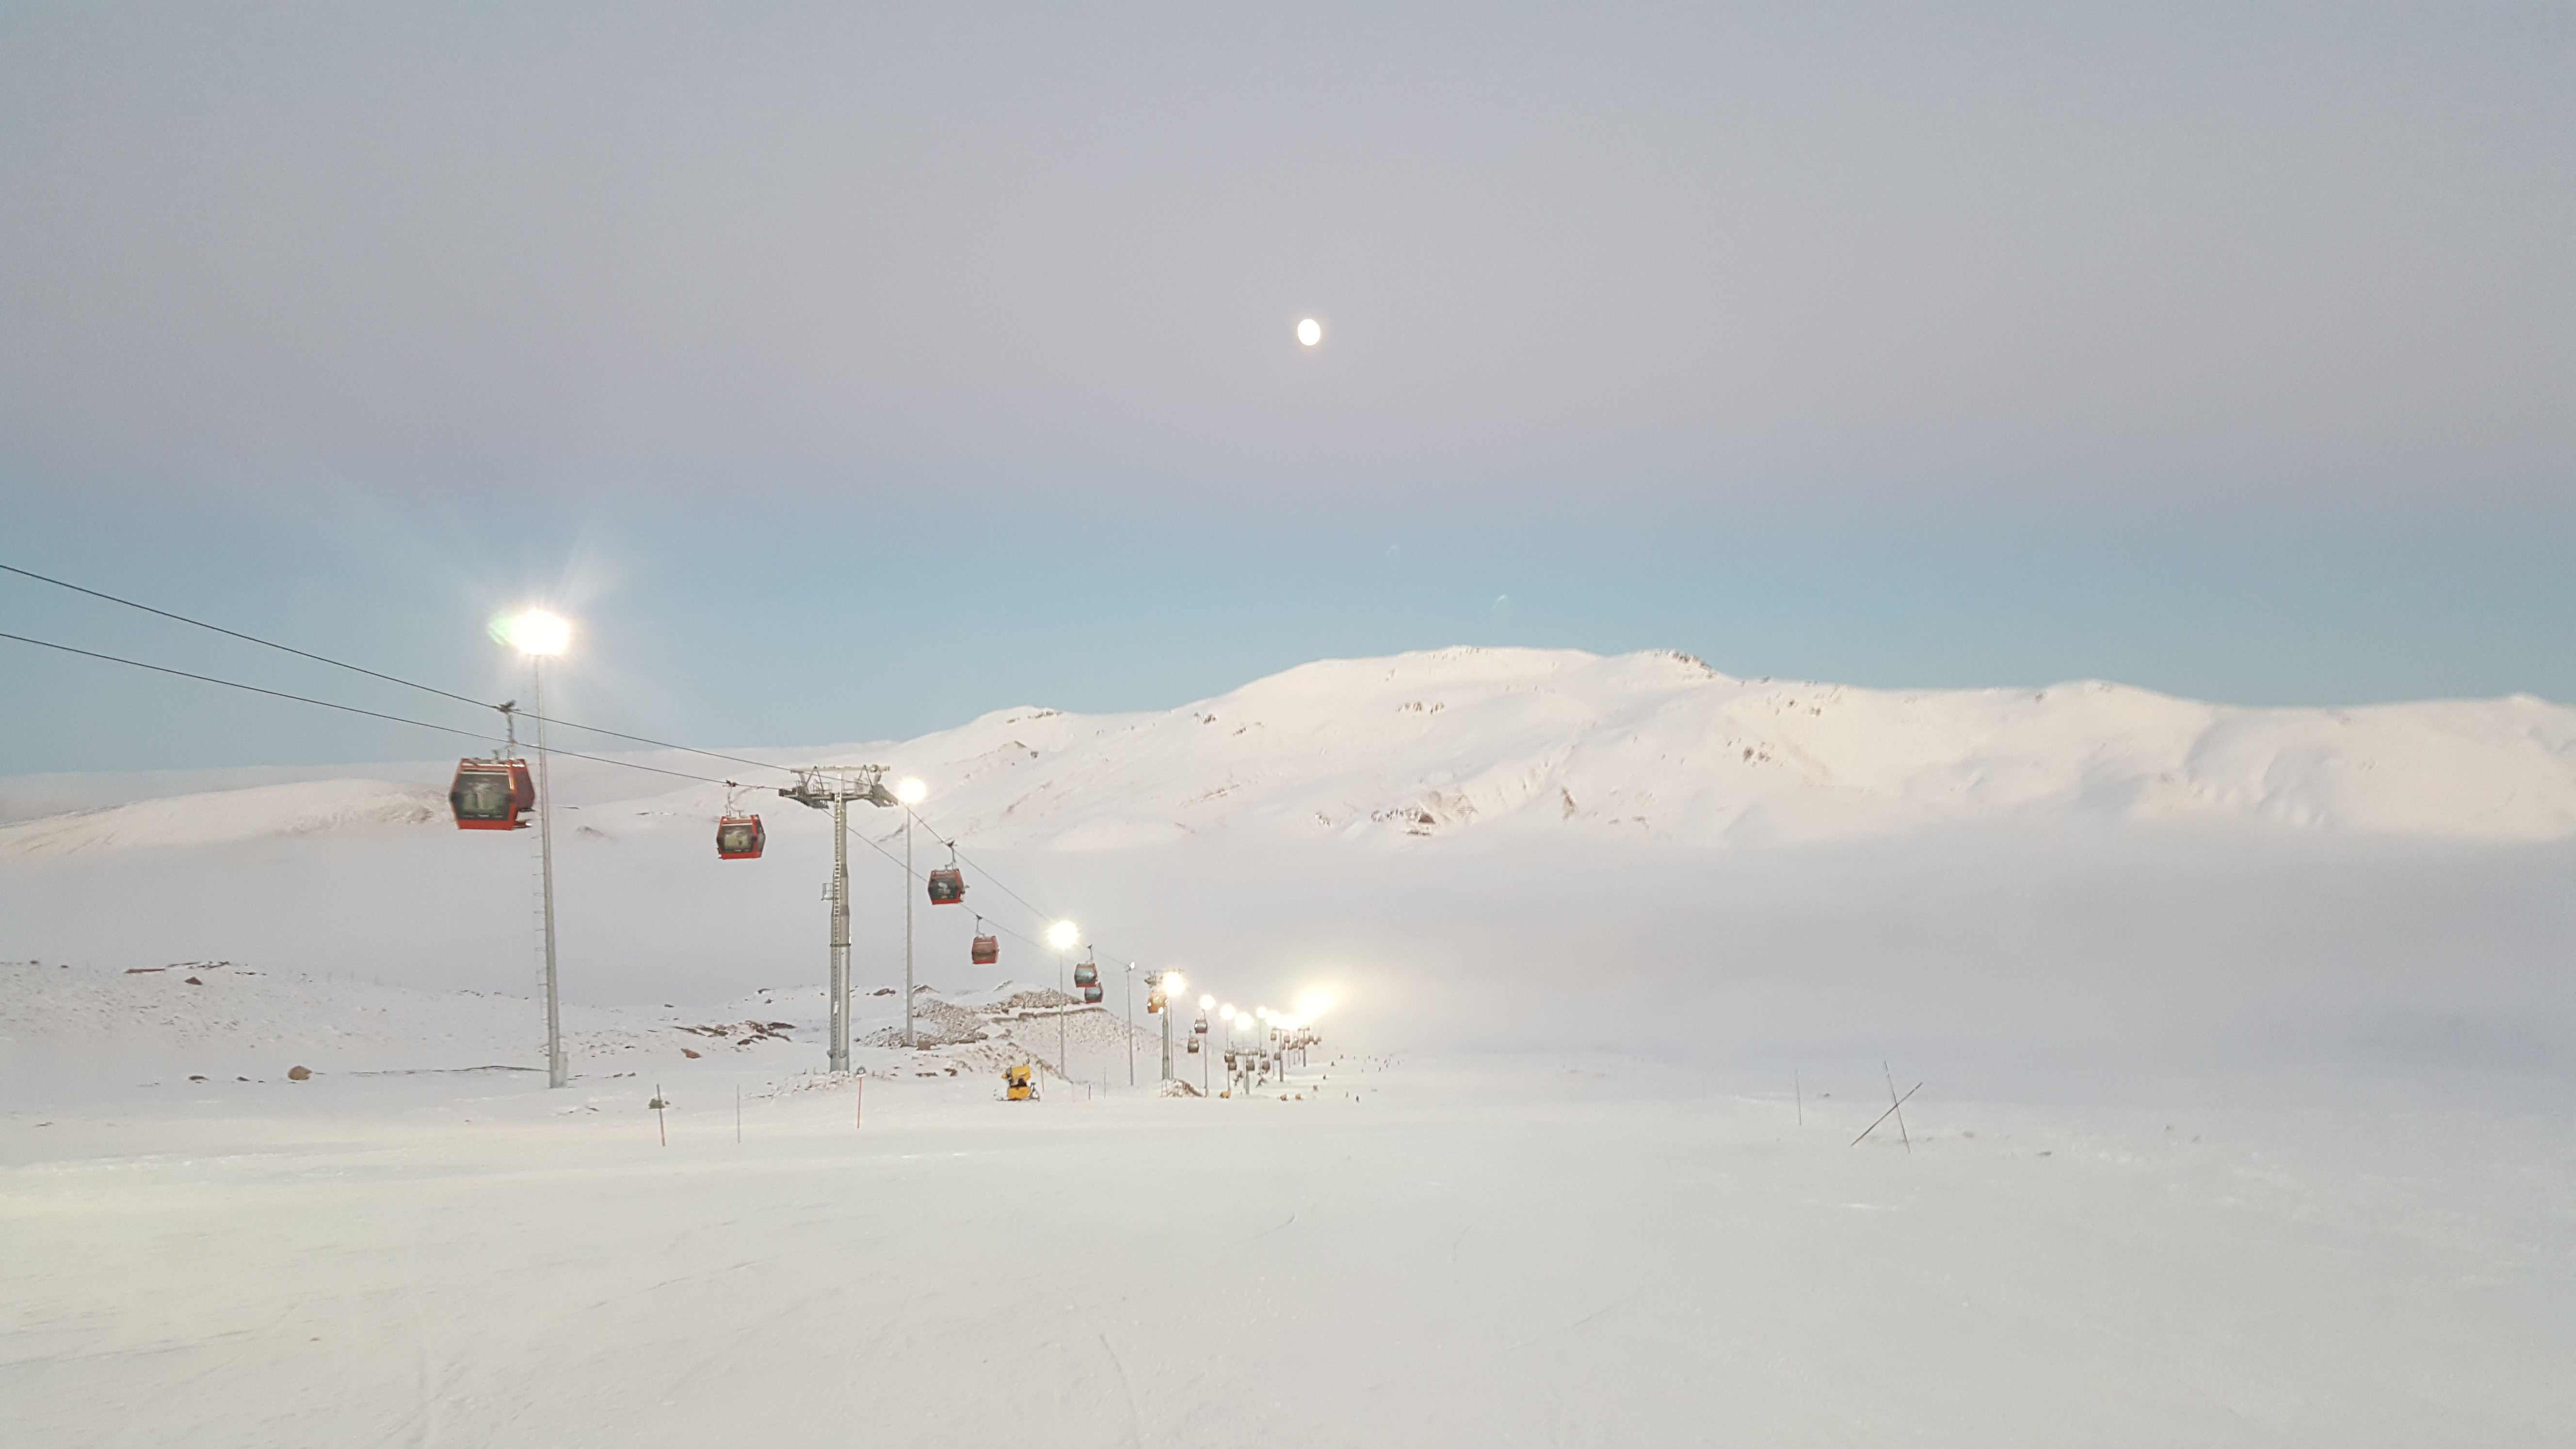 ERCİYES SKİ, Erciyes Ski Resort